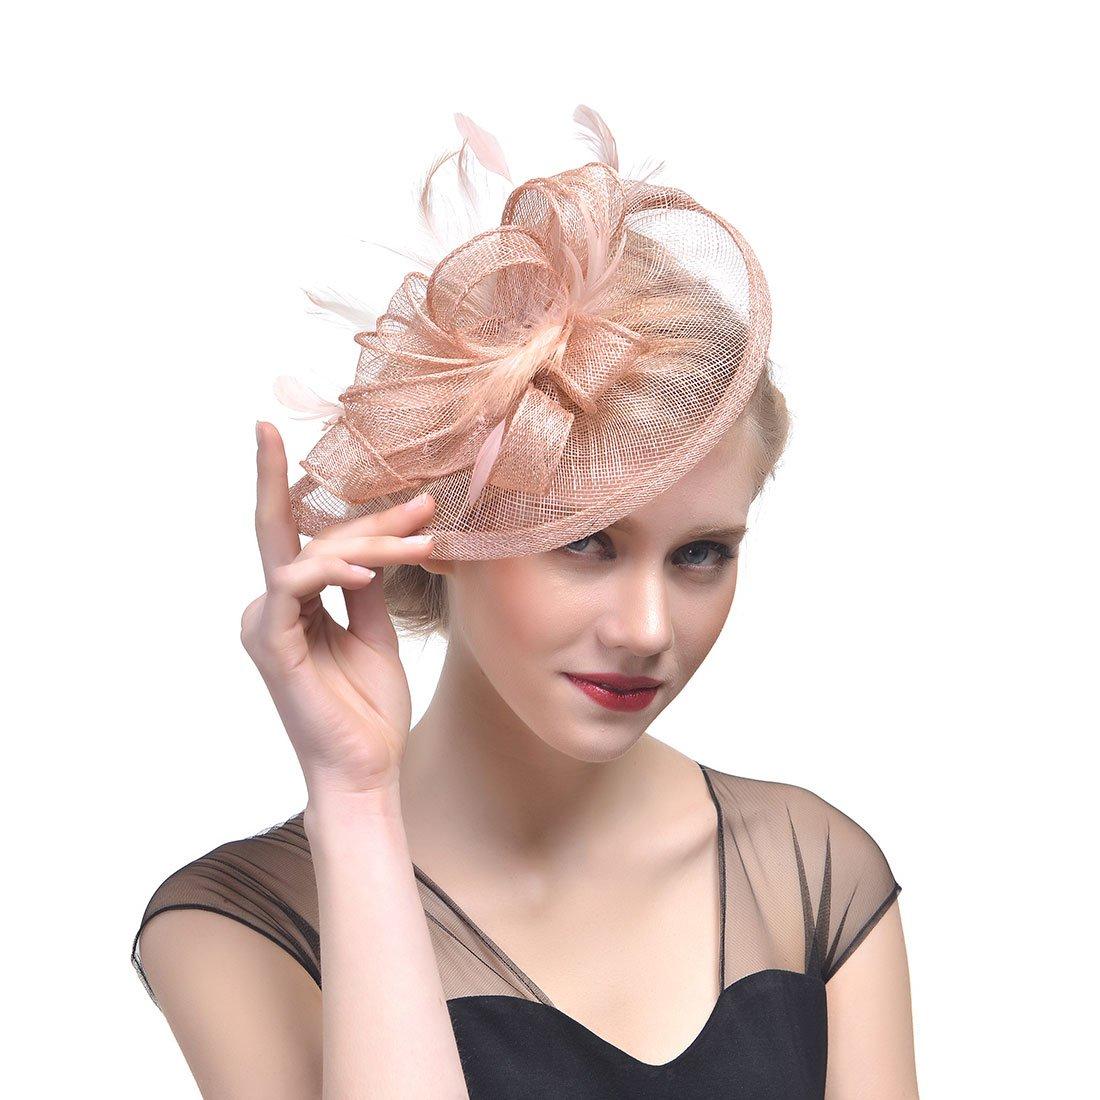 Samidy Fascinator Hat Feather Mesh Net Veil Party Hat Flower Derby ...